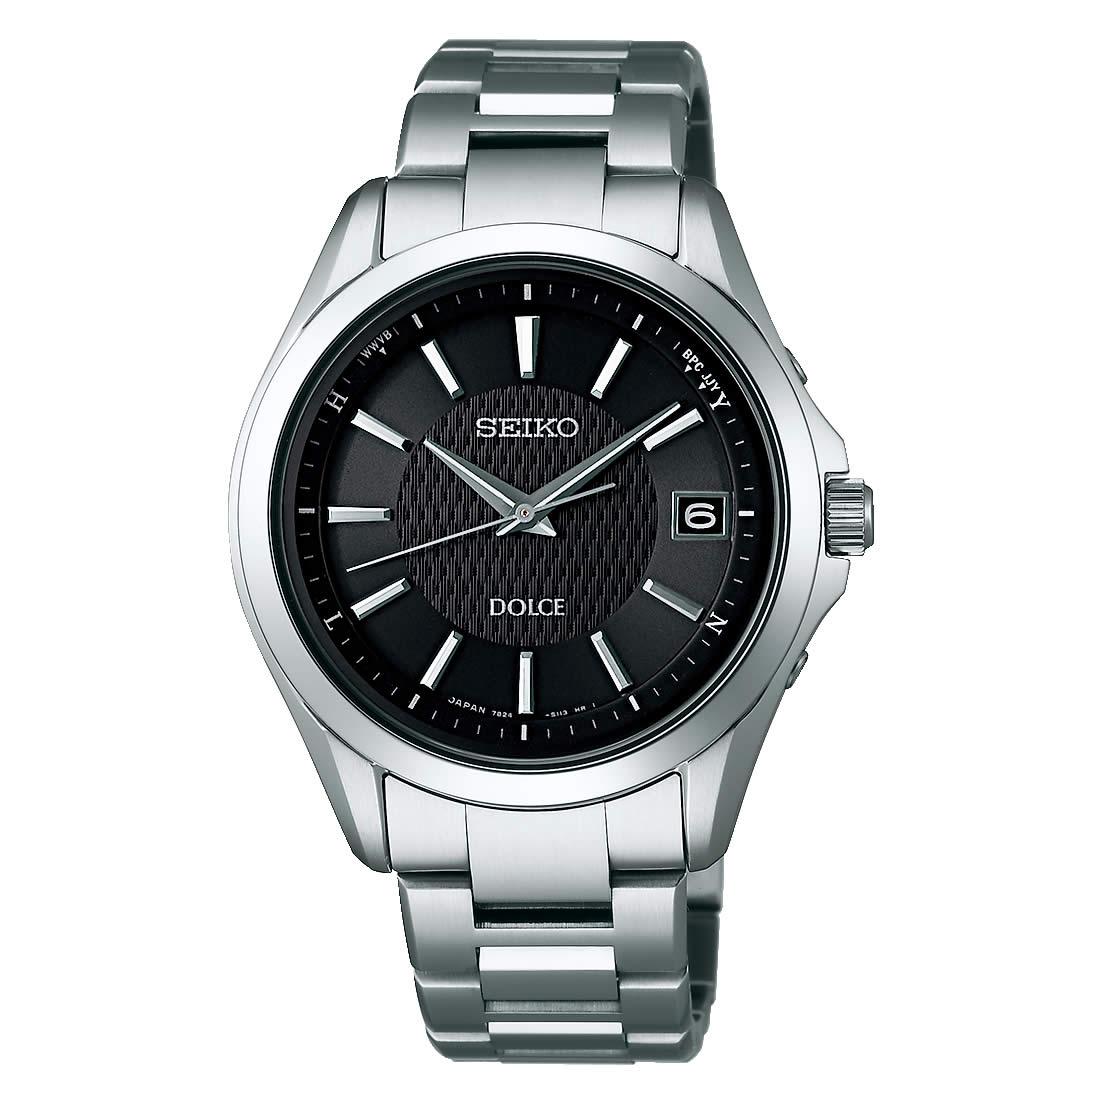 【送料無料】【国内正規品】セイコー ドルチェ SEIKO DOLCE 腕時計 ソーラー 電波 チタン SADZ177 メンズ 時計 100M 10気圧防水 オフィス 金属アレルギー対応 人気 うでどけい とけい WATCH 時計【取り寄せ】